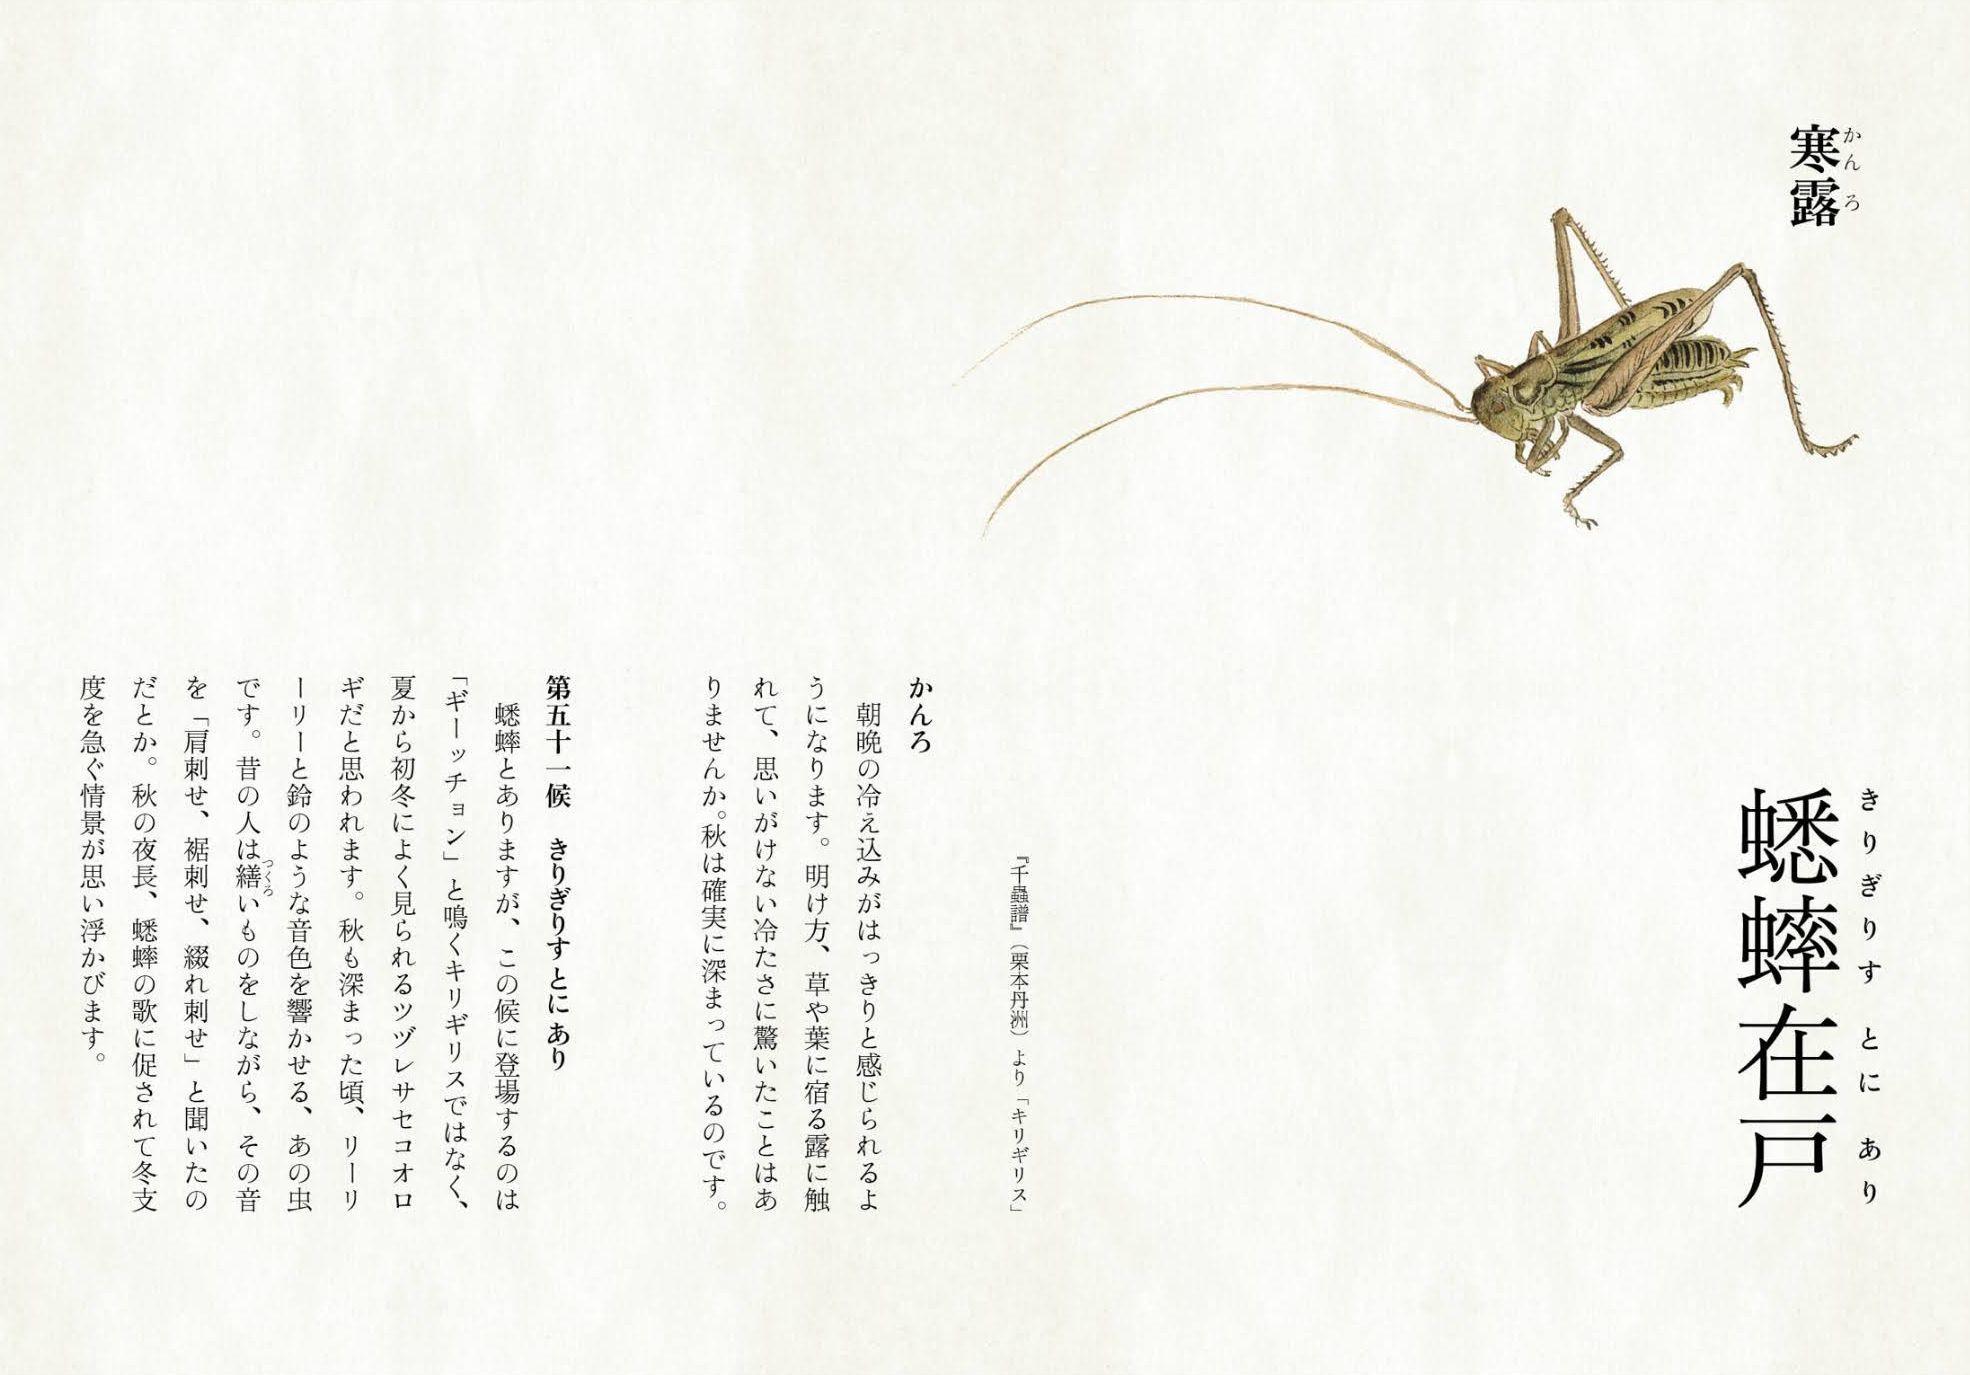 ユキムシの季節_c0025115_21424753.jpg